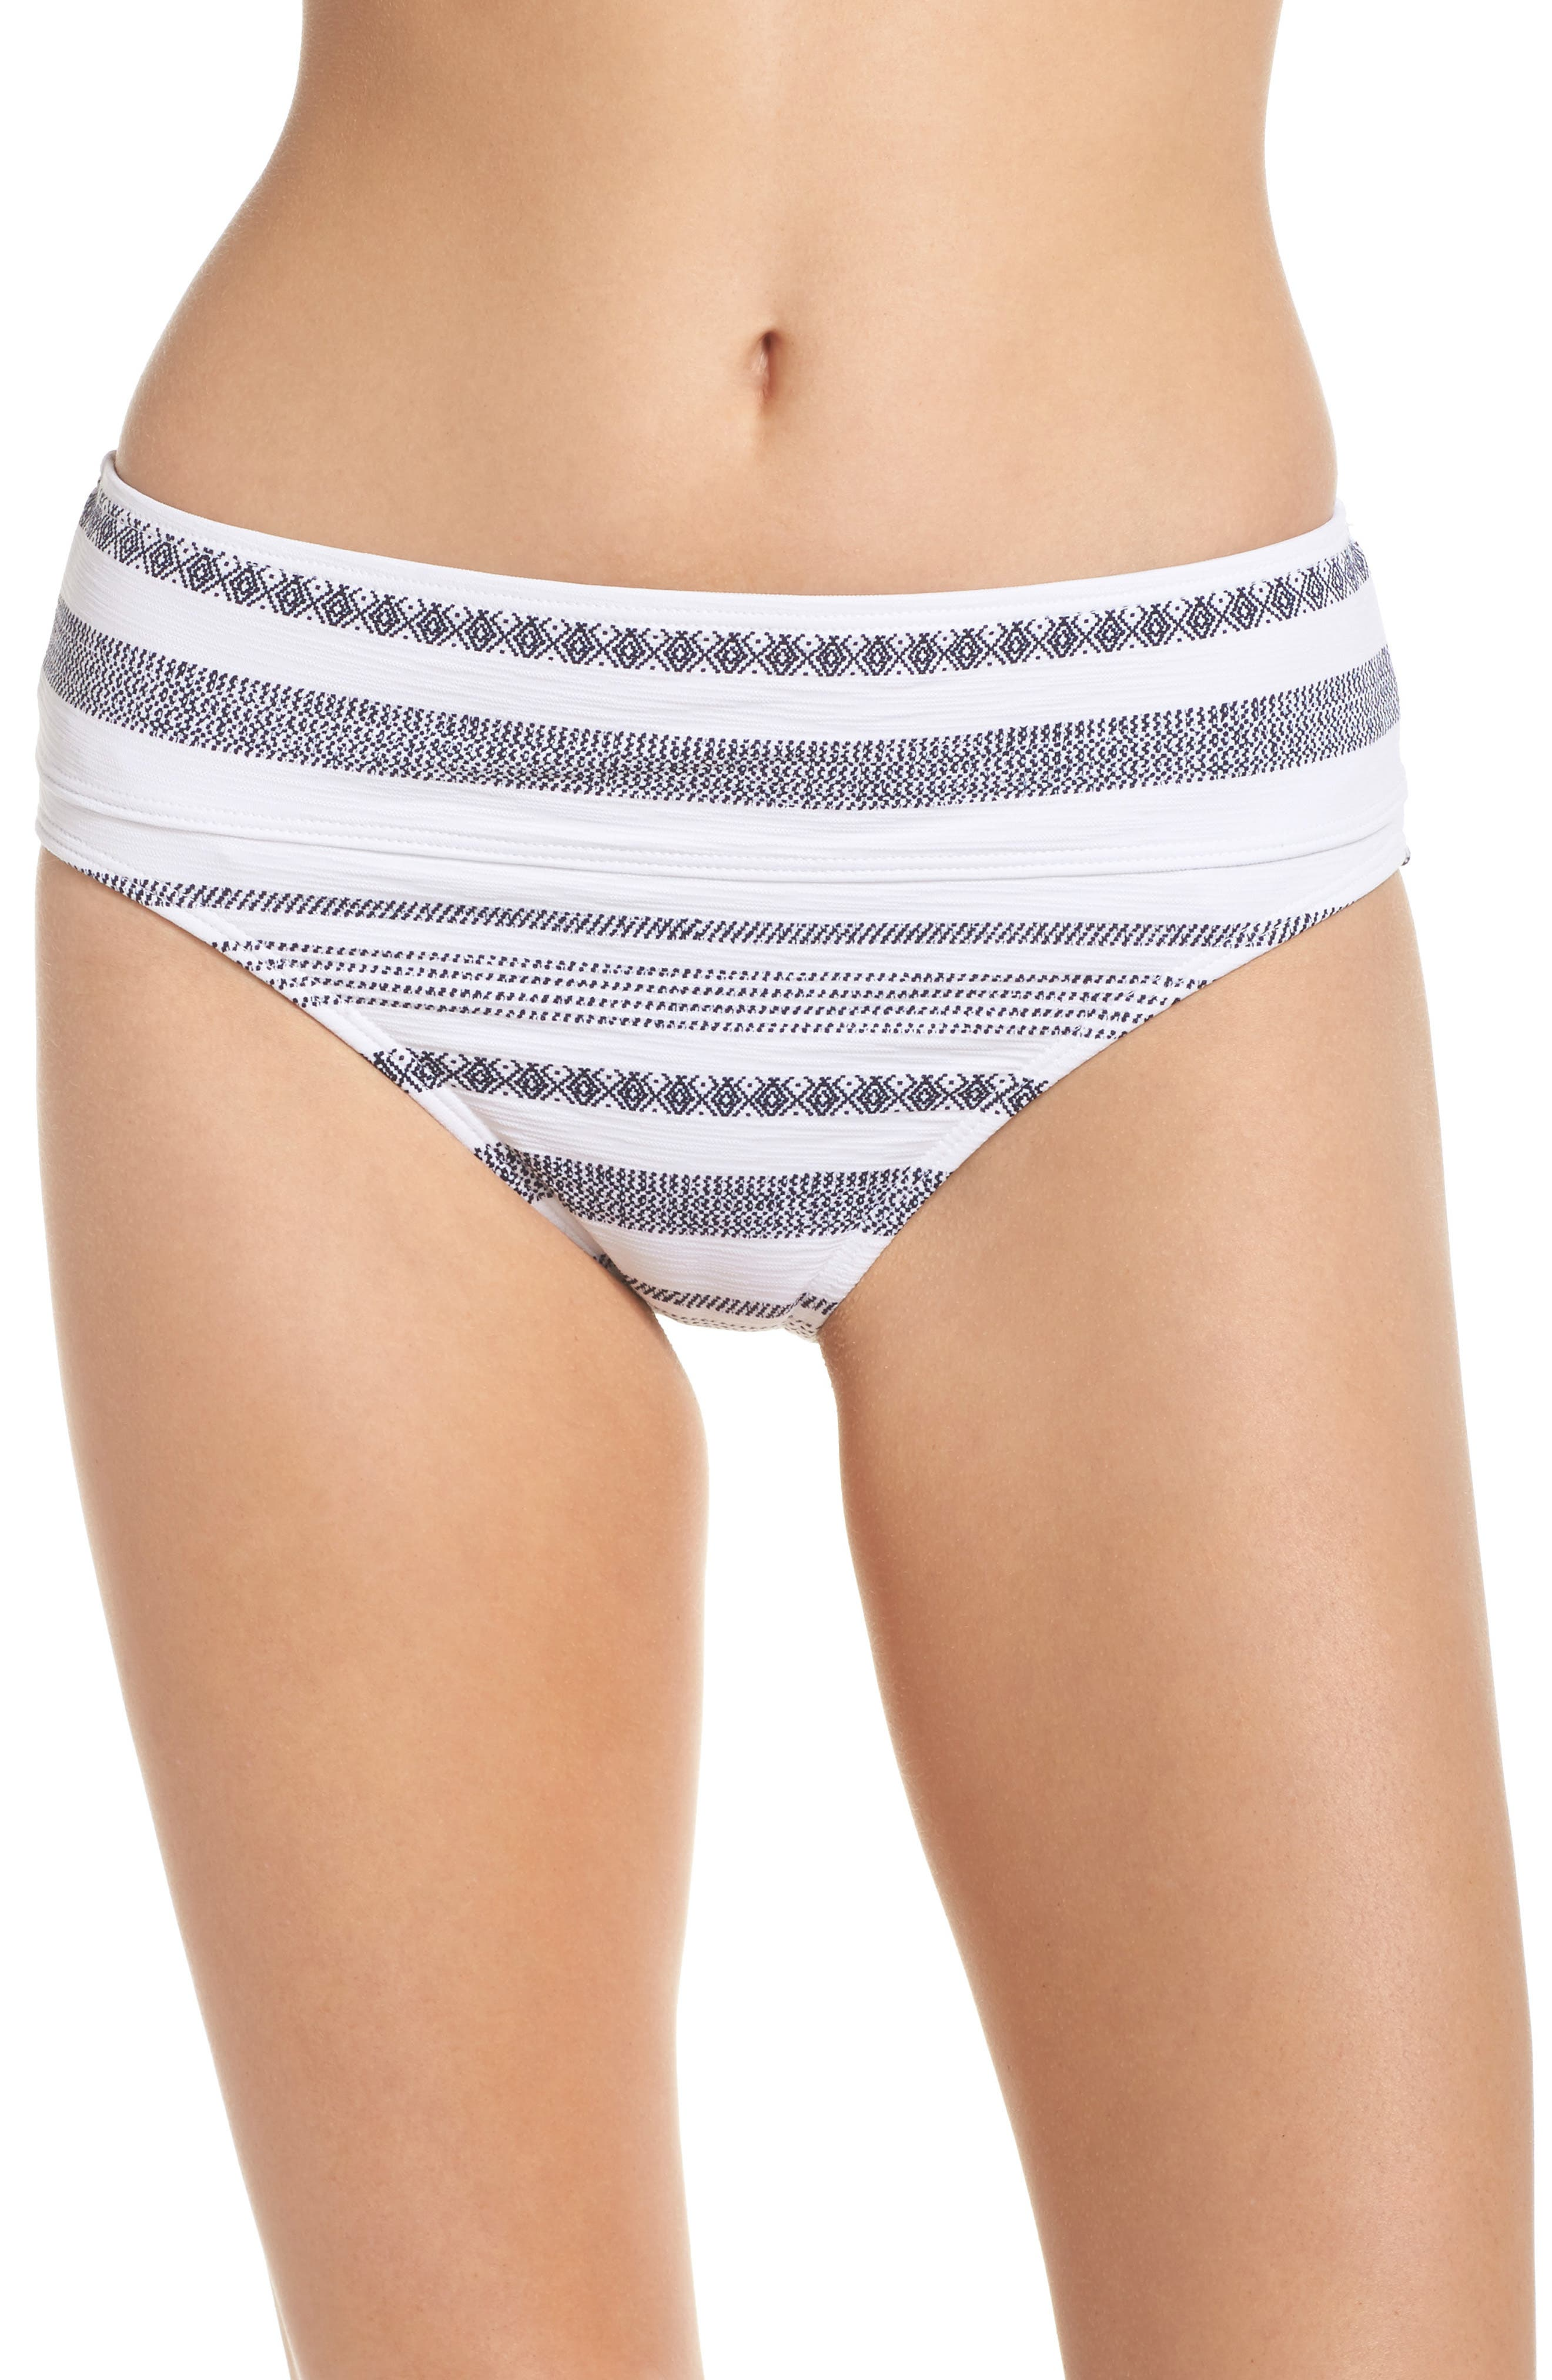 Sand Bar High Waist Bikini Bottoms,                         Main,                         color, 101